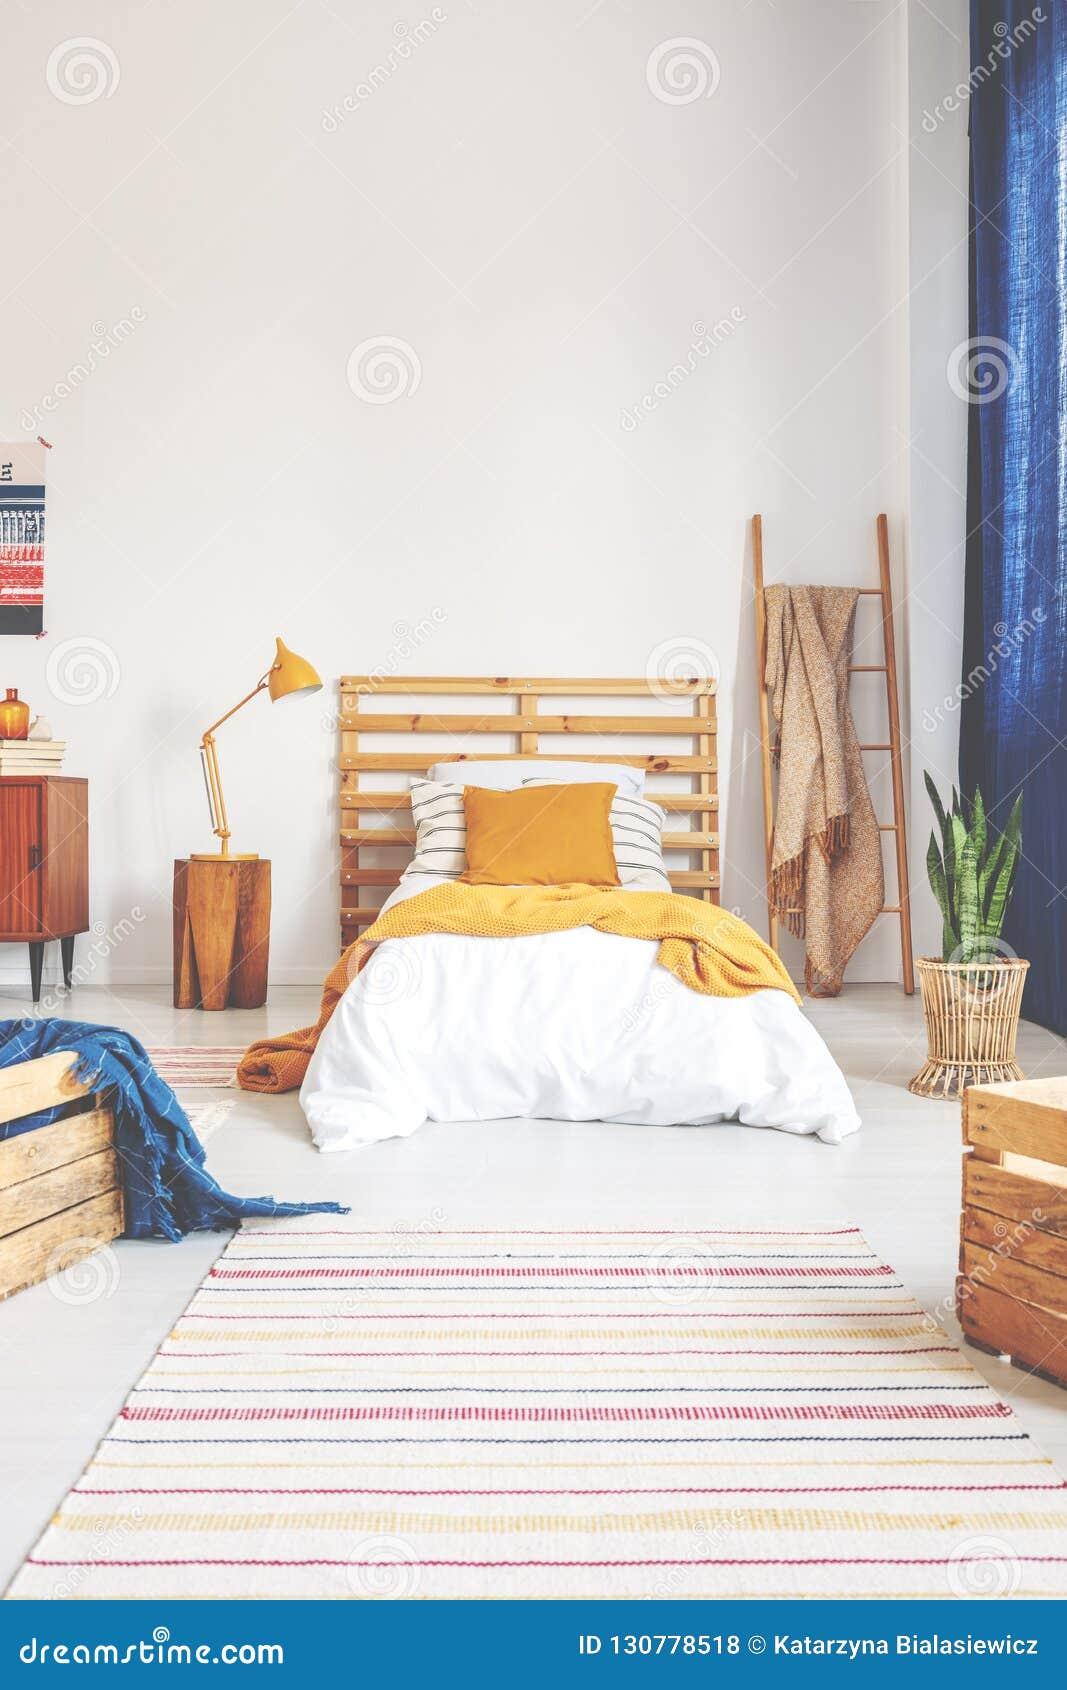 Almohada y manta amarillas en cama de madera blanca cómoda en dormitorio del adolescente con la alfombra pelada en el piso